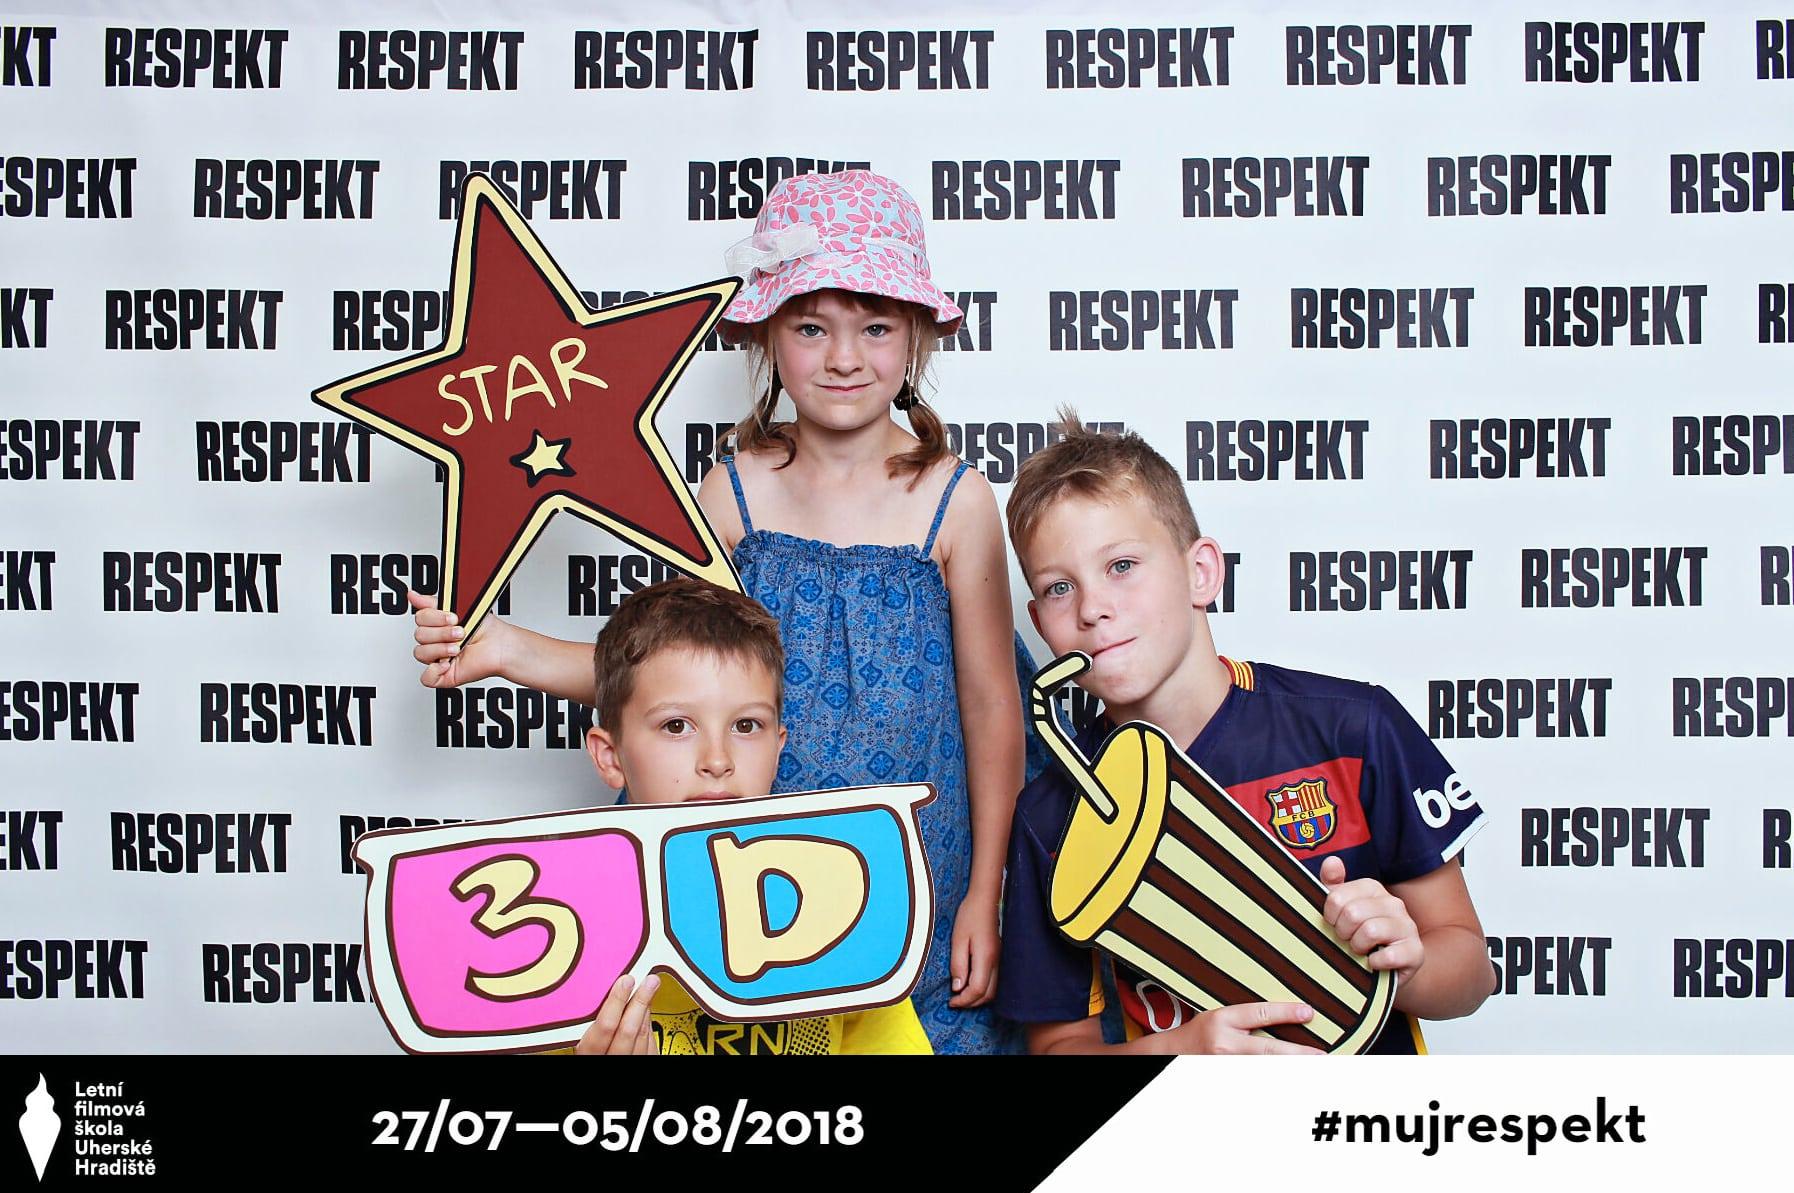 fotokoutek-respekt-29-7-2018-467557